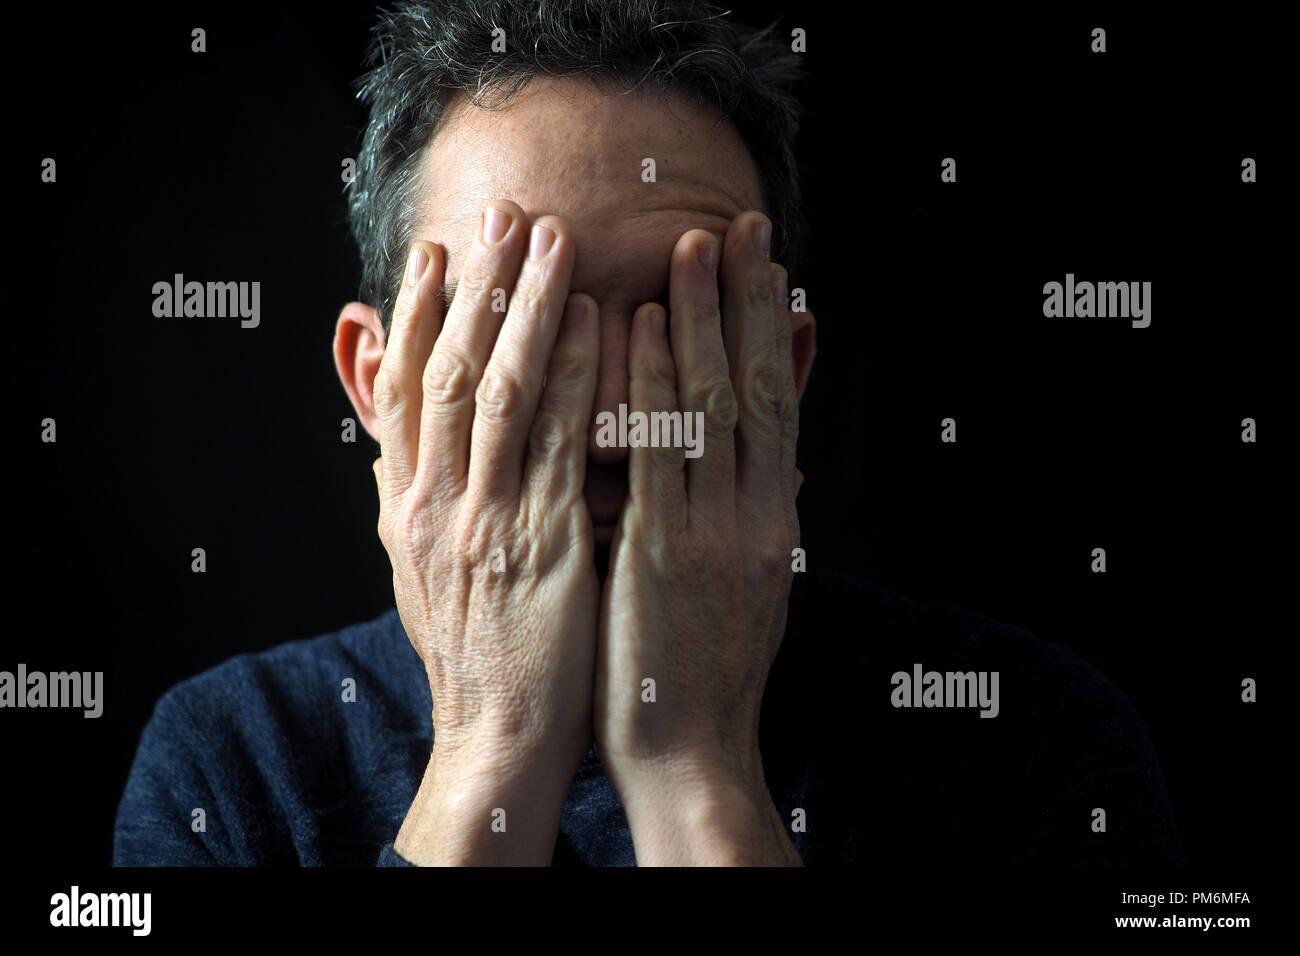 Ritratto di uomo su sfondo nero, ha sottolineato, le mani sul viso Foto Stock